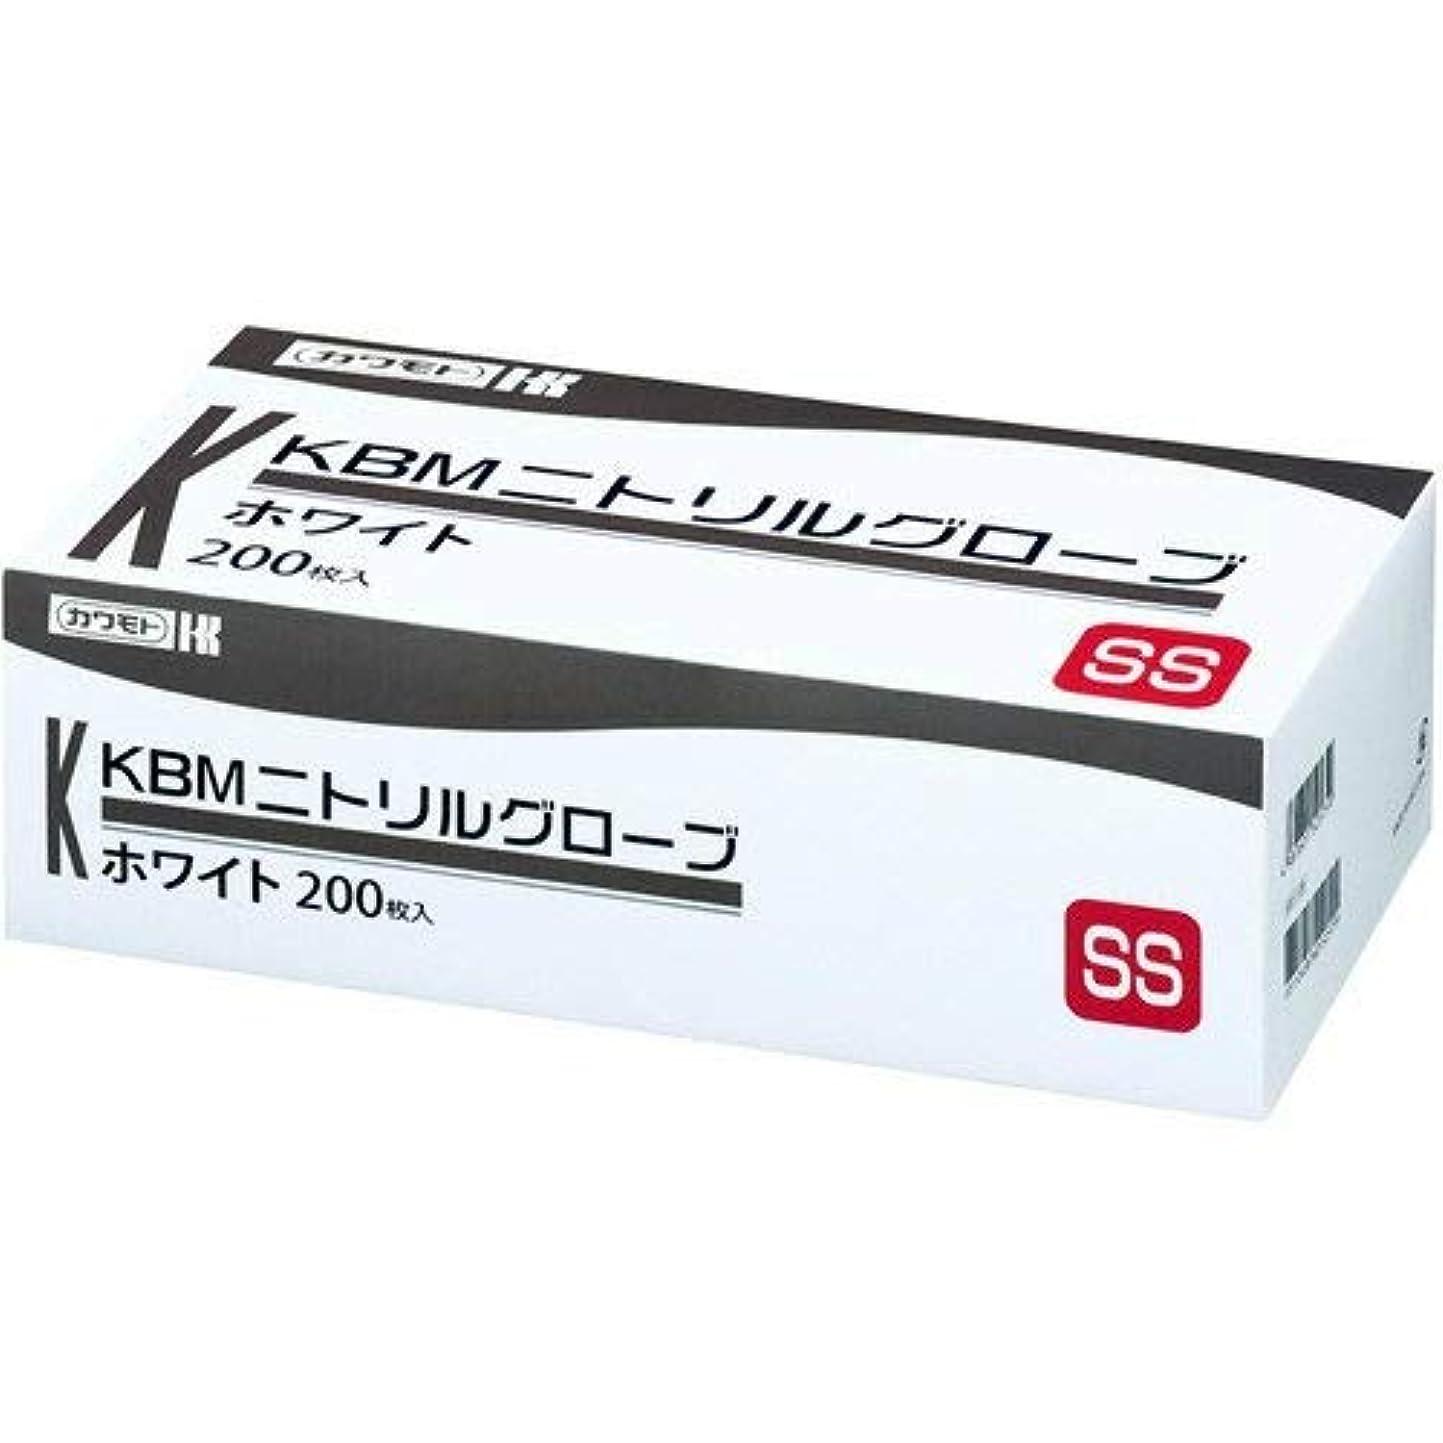 写真を描く刺す頑張る川本産業 カワモト ニトリルグローブ ホワイト SS 200枚入